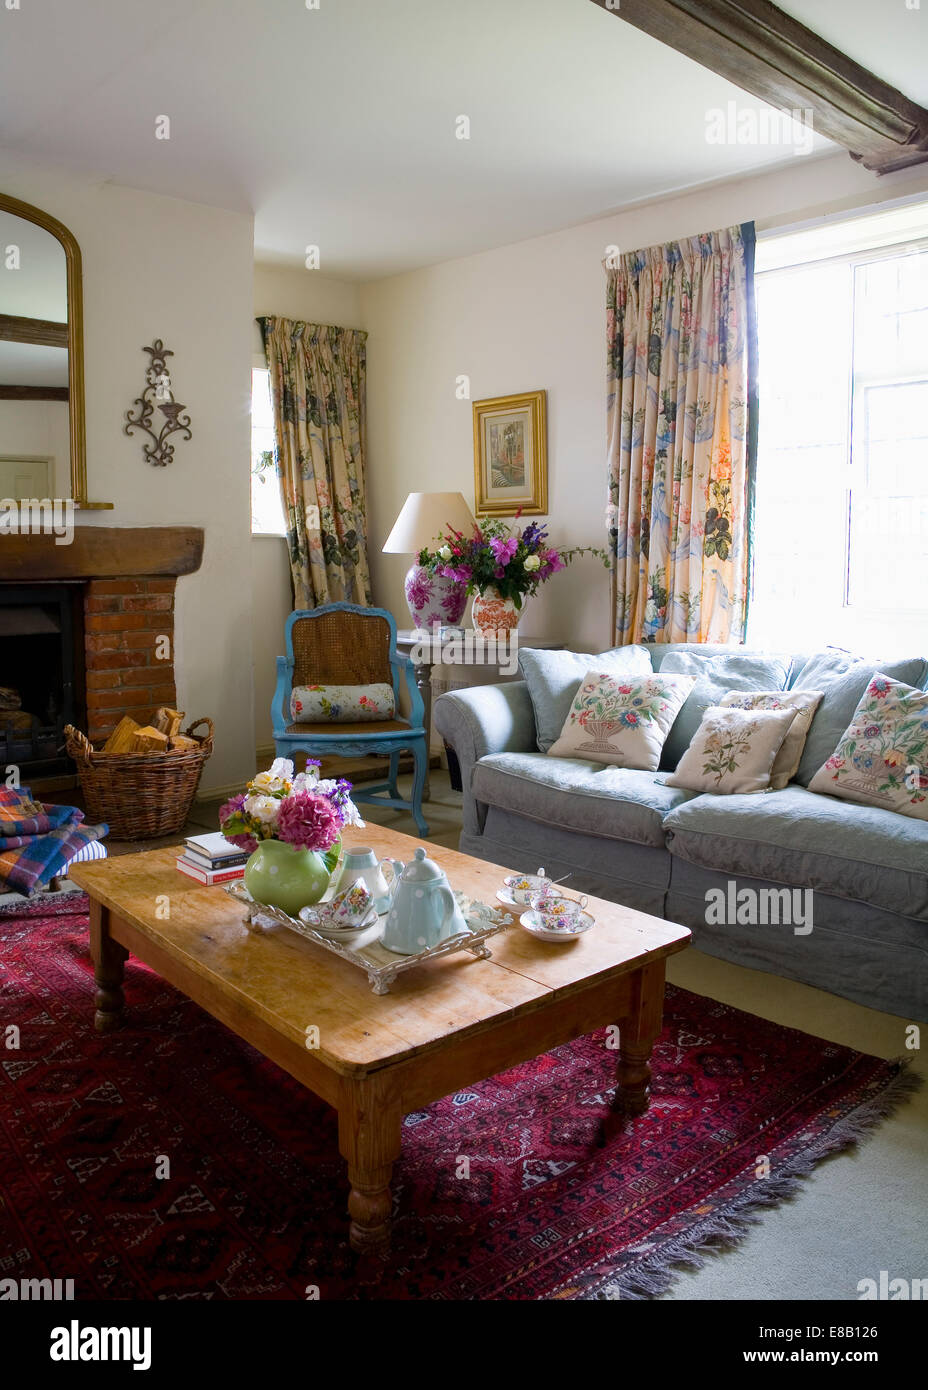 Blaues Sofa vor Fenster mit floral Gardinen im Land